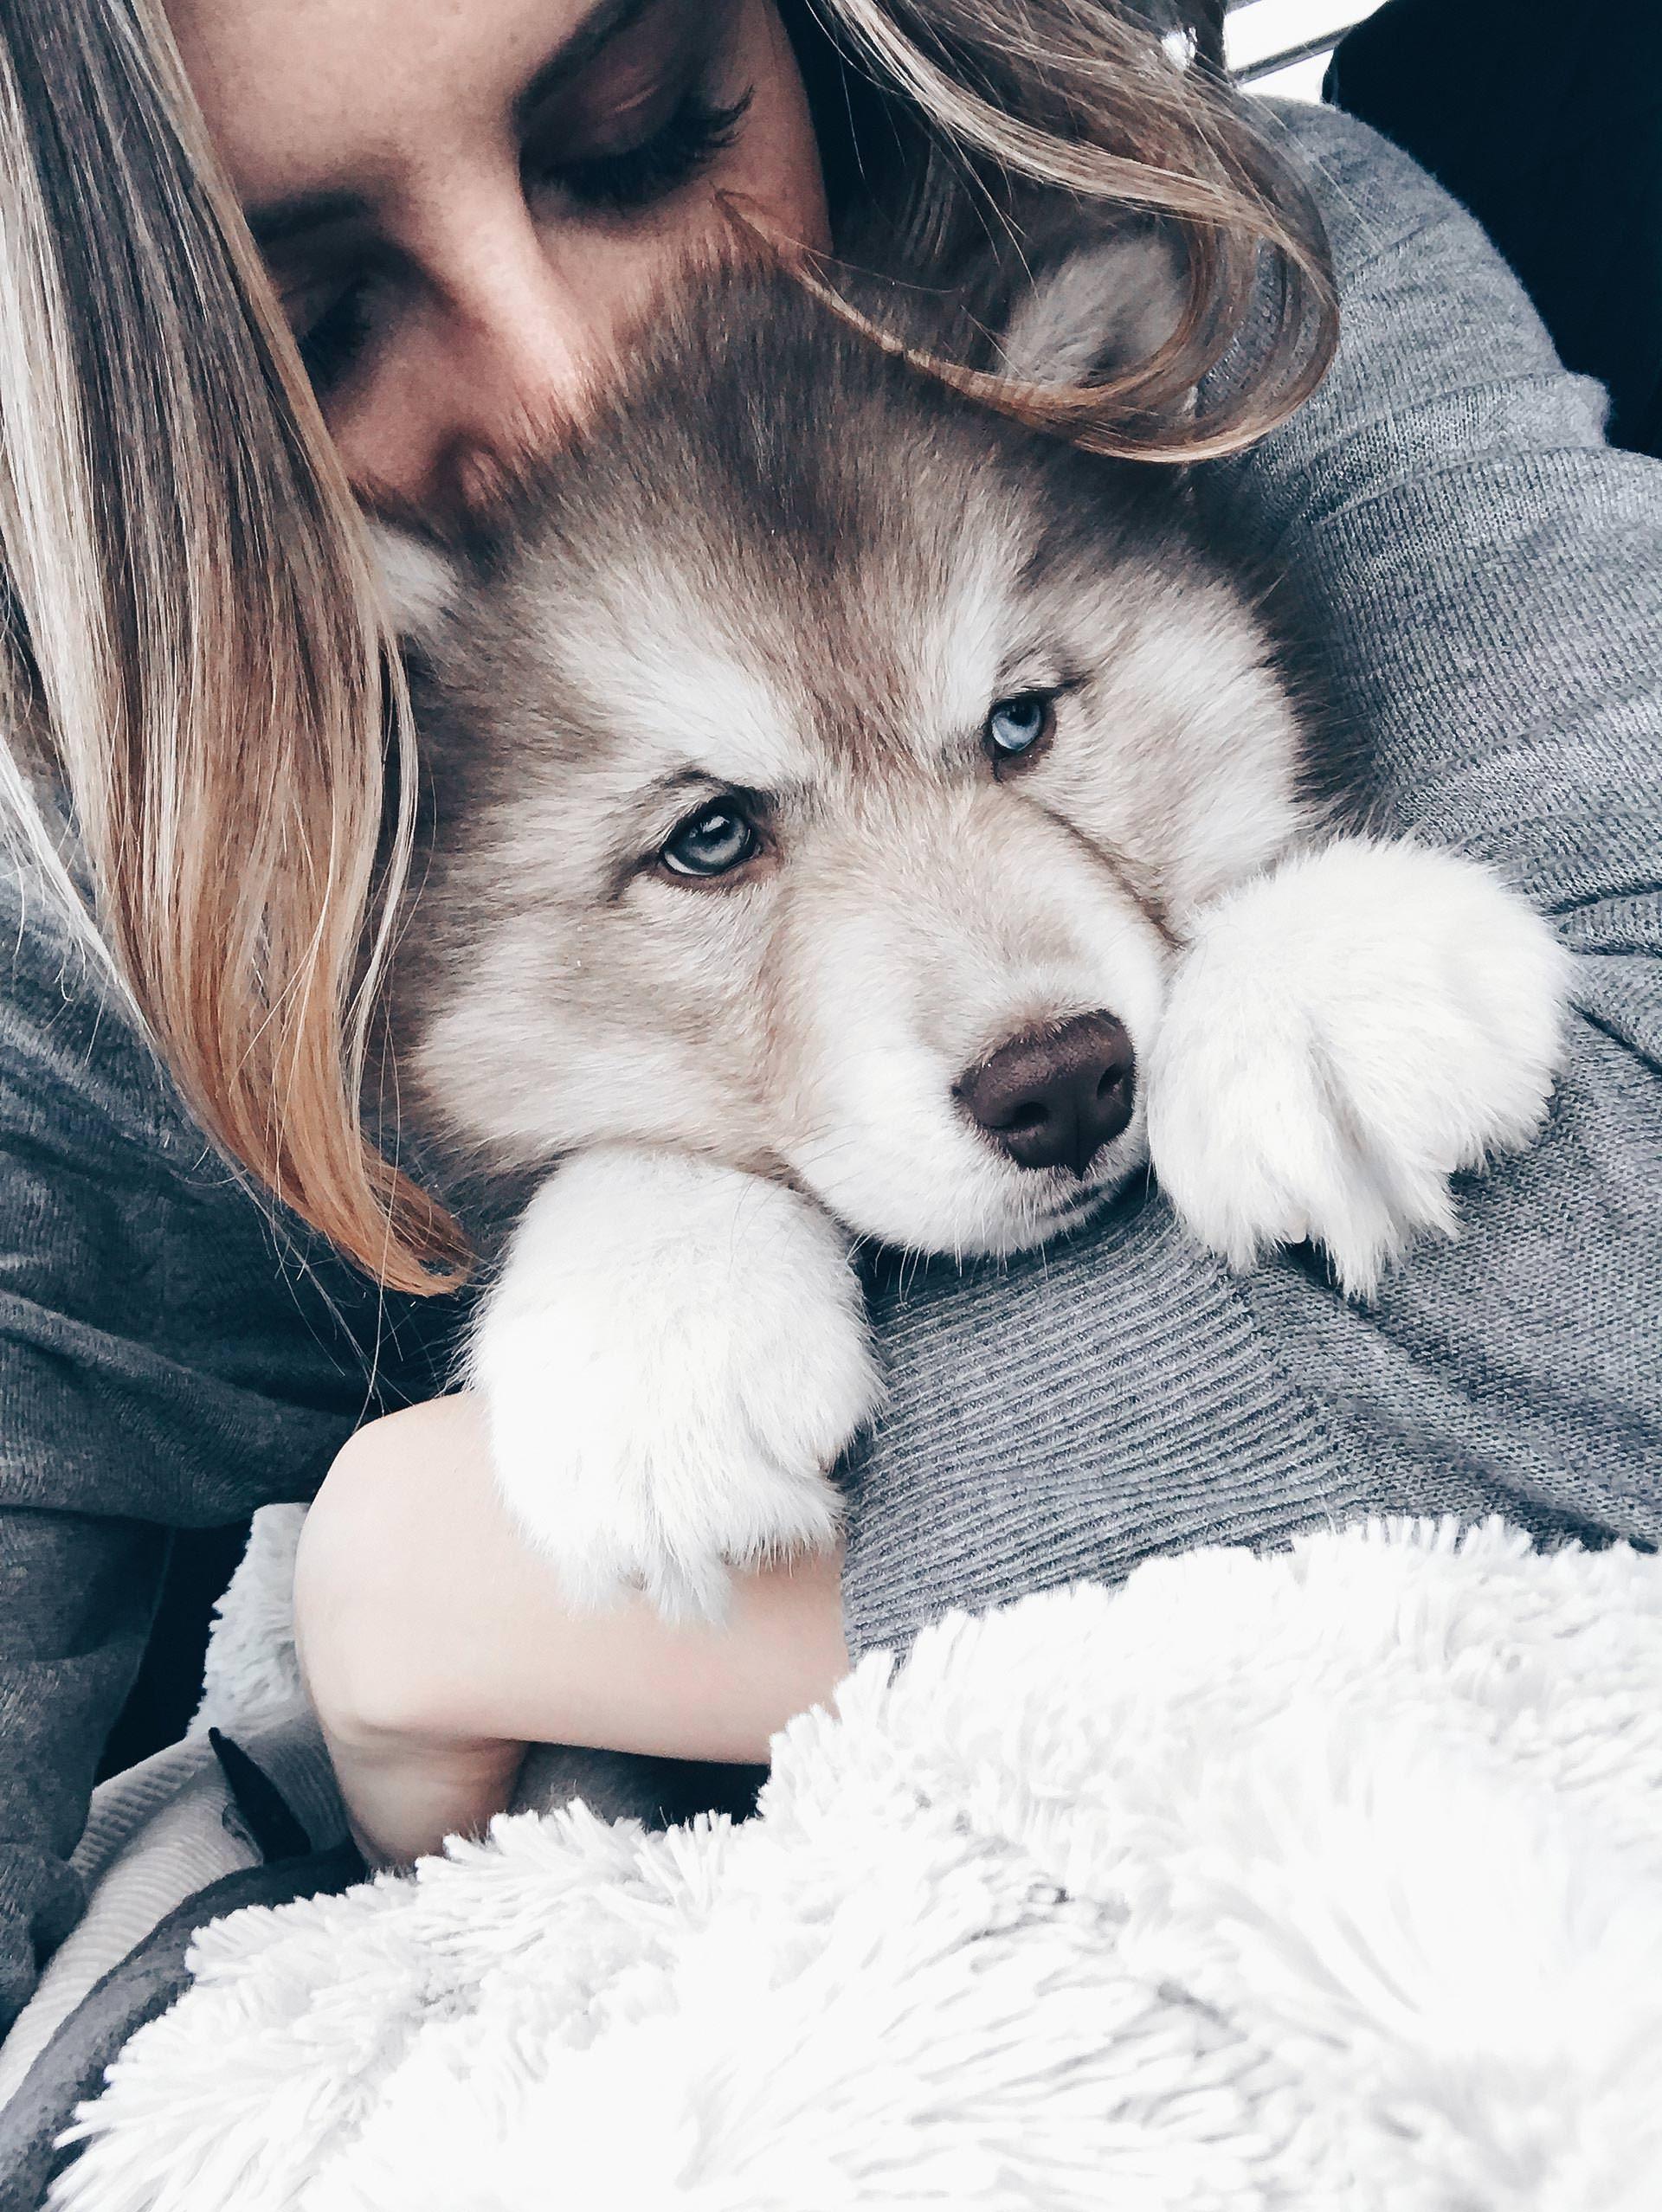 Hunde Facts zum sibirischen Husky Teddy, Alltag mit Hund